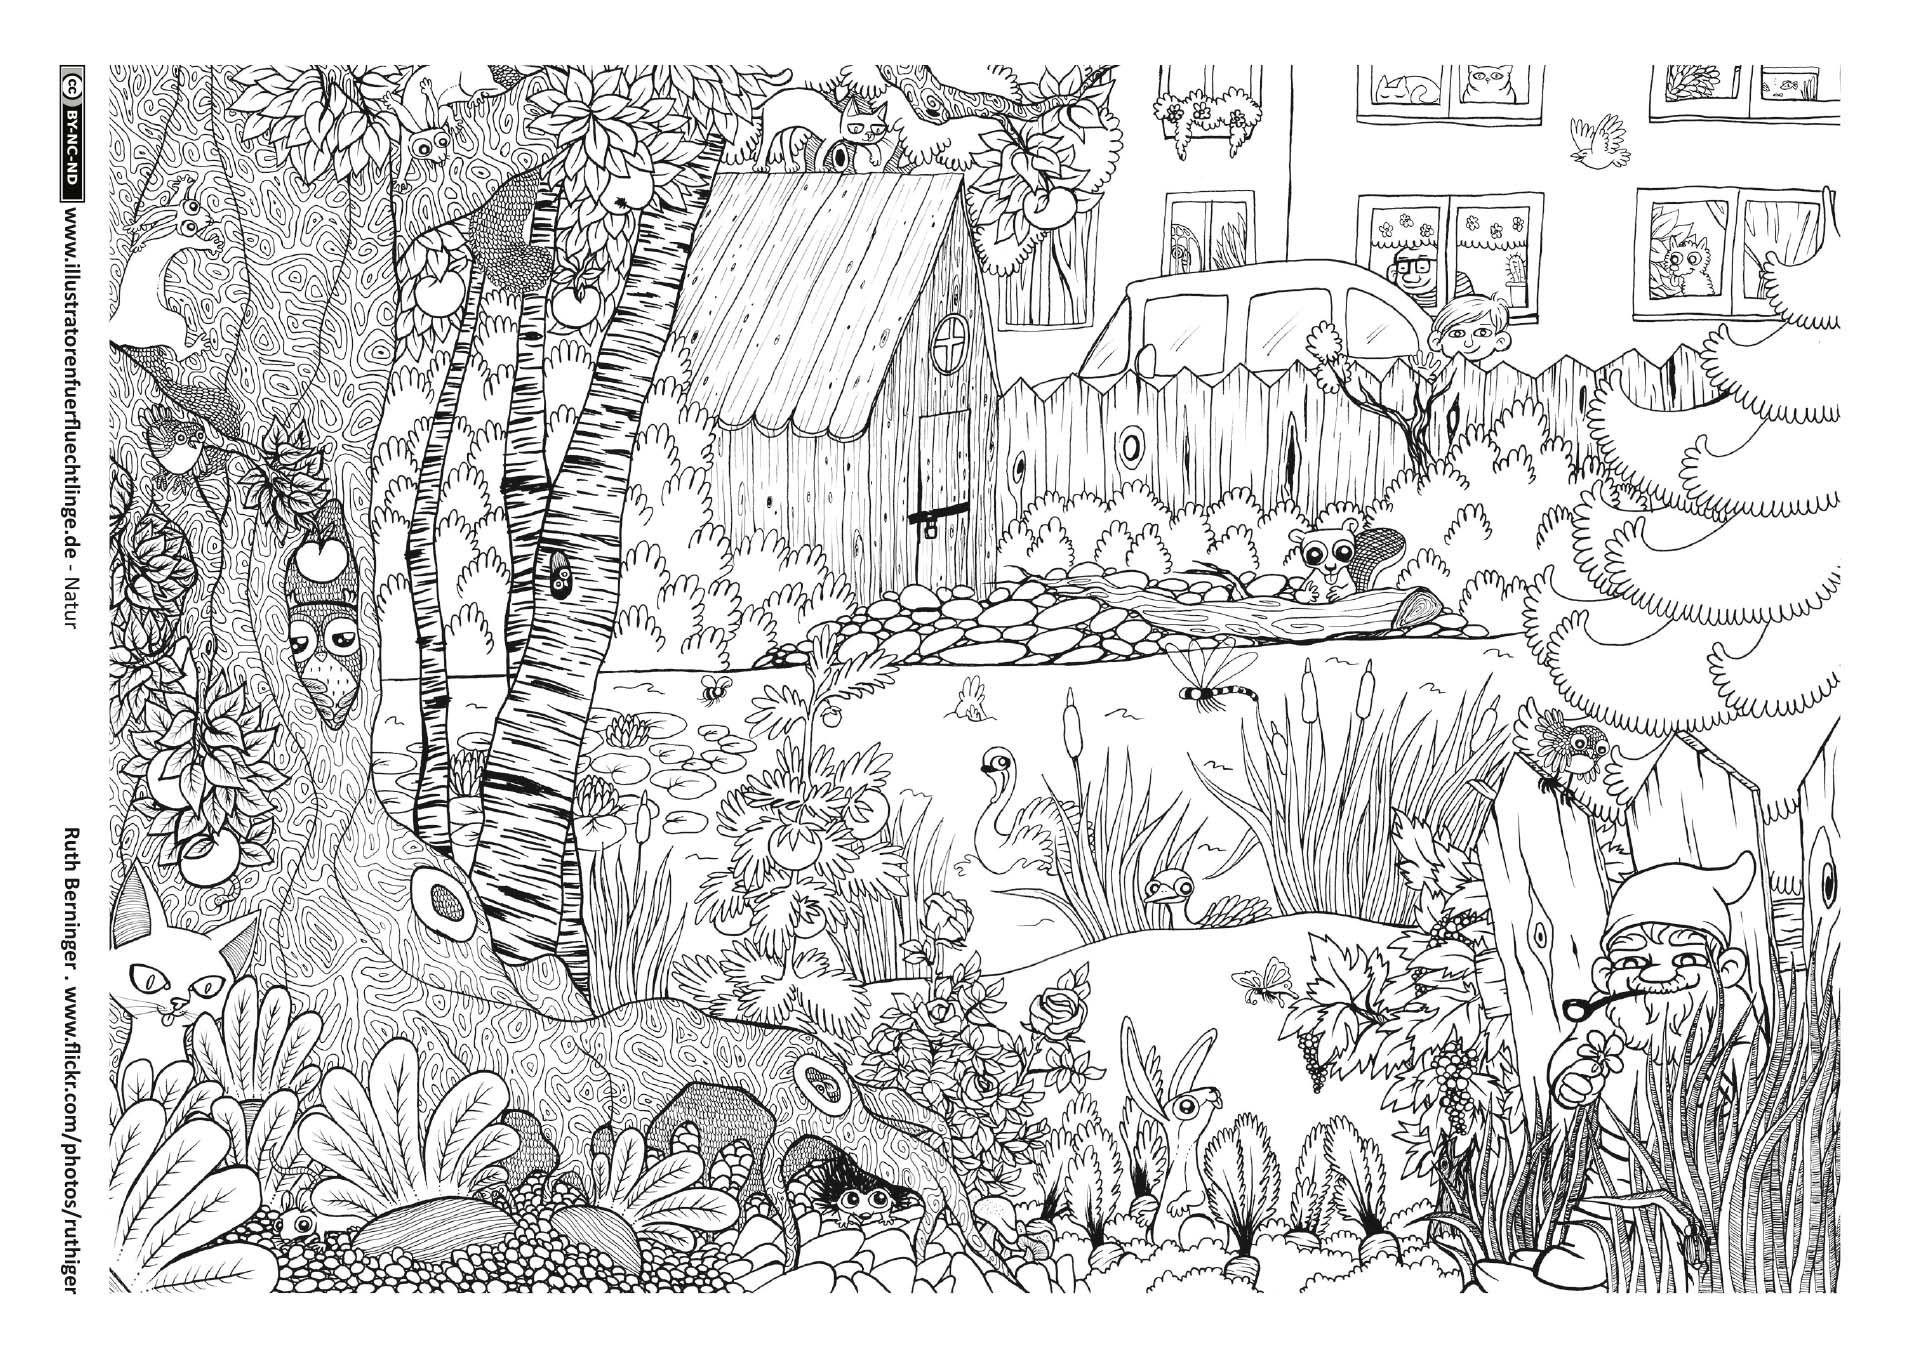 Ausmalbilder Weihnachten Tiere Genial Garten Tiere Wimmelbild … Ausmalbilder Fotos